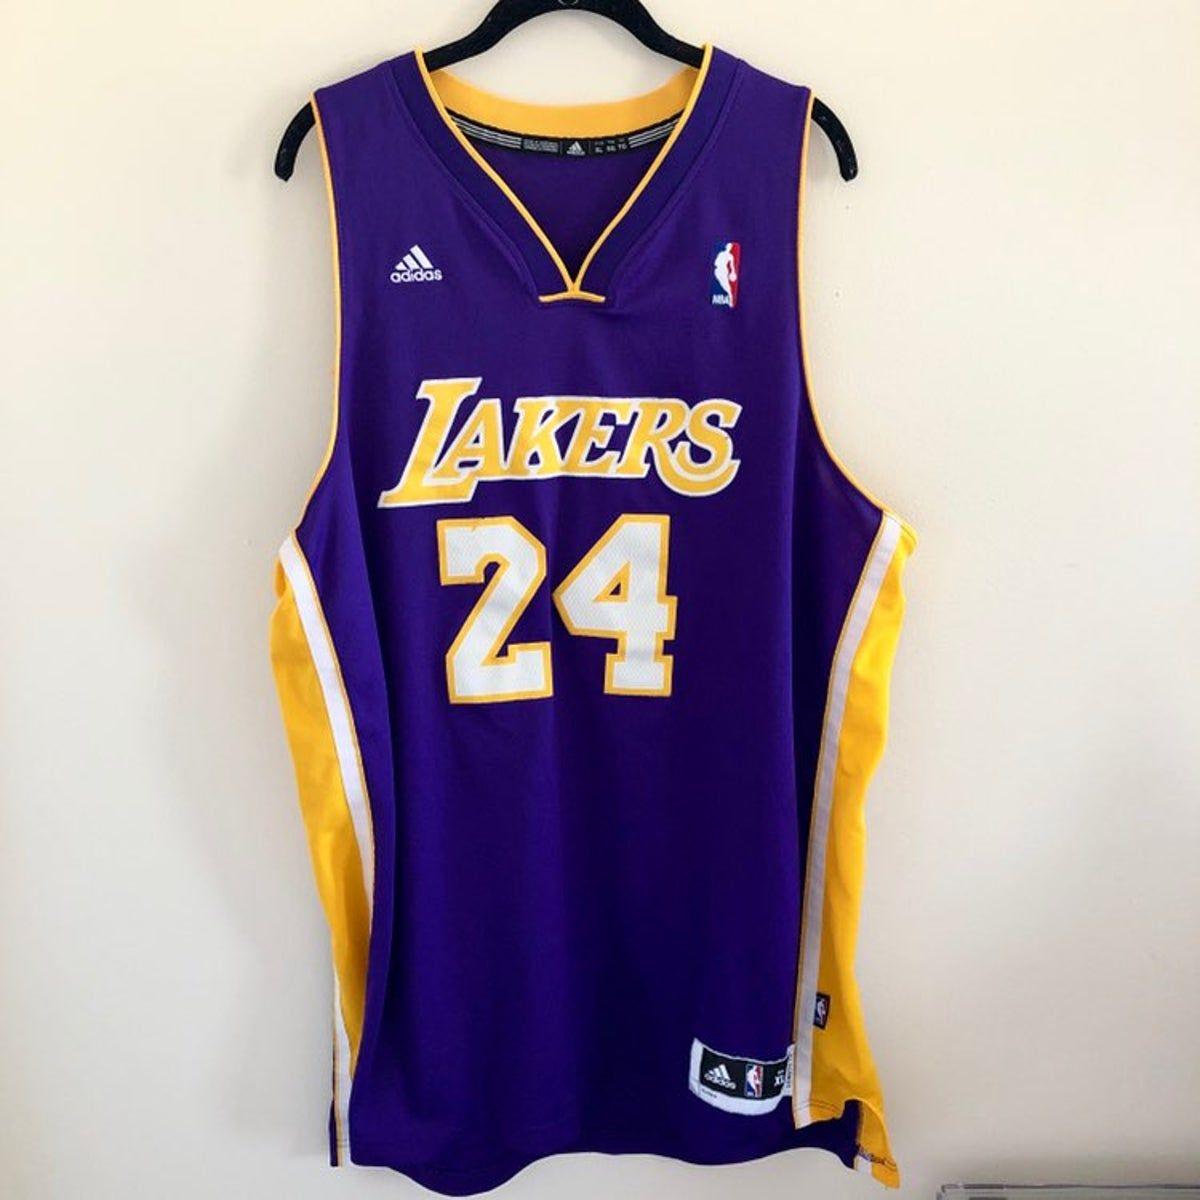 Adidas NBA Kobe Bryant Lakers Jersey | Kobe bryant, Jersey outfit ...